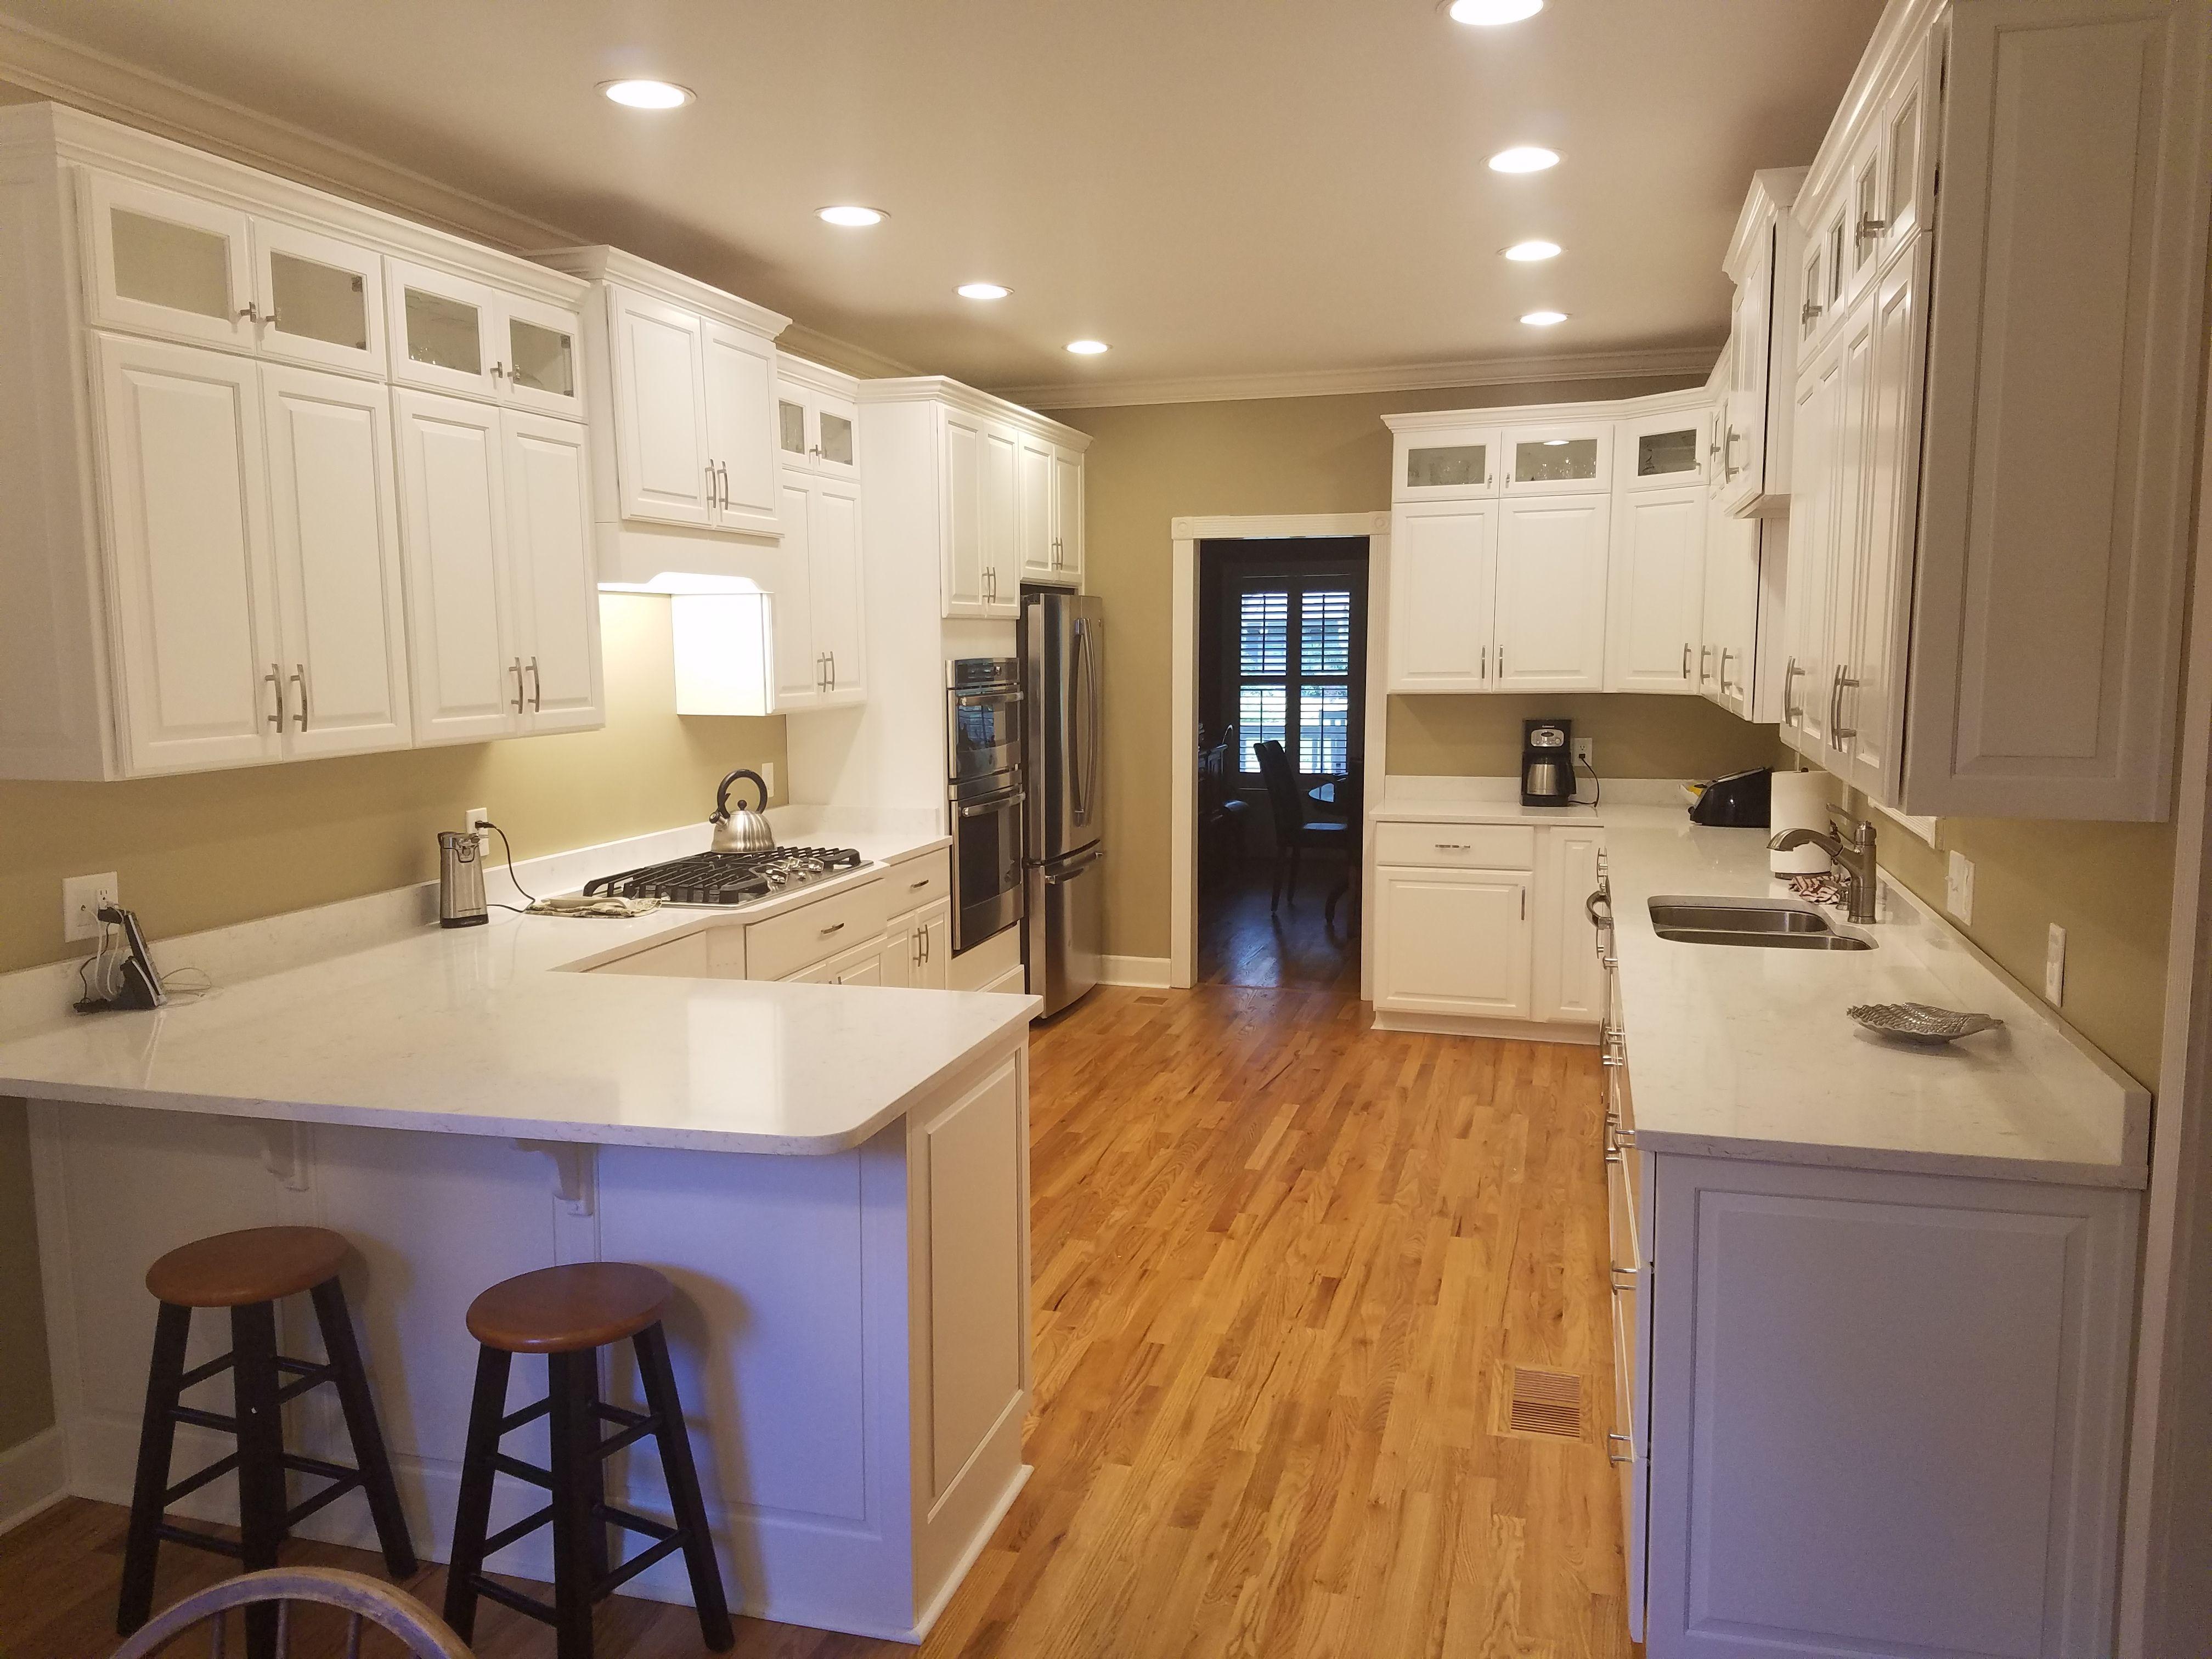 Kitchen Tune Up Savannah Brunswick Custom Cabinets In 2020 Custom Cabinets Used Cabinets Custom Cabinetry